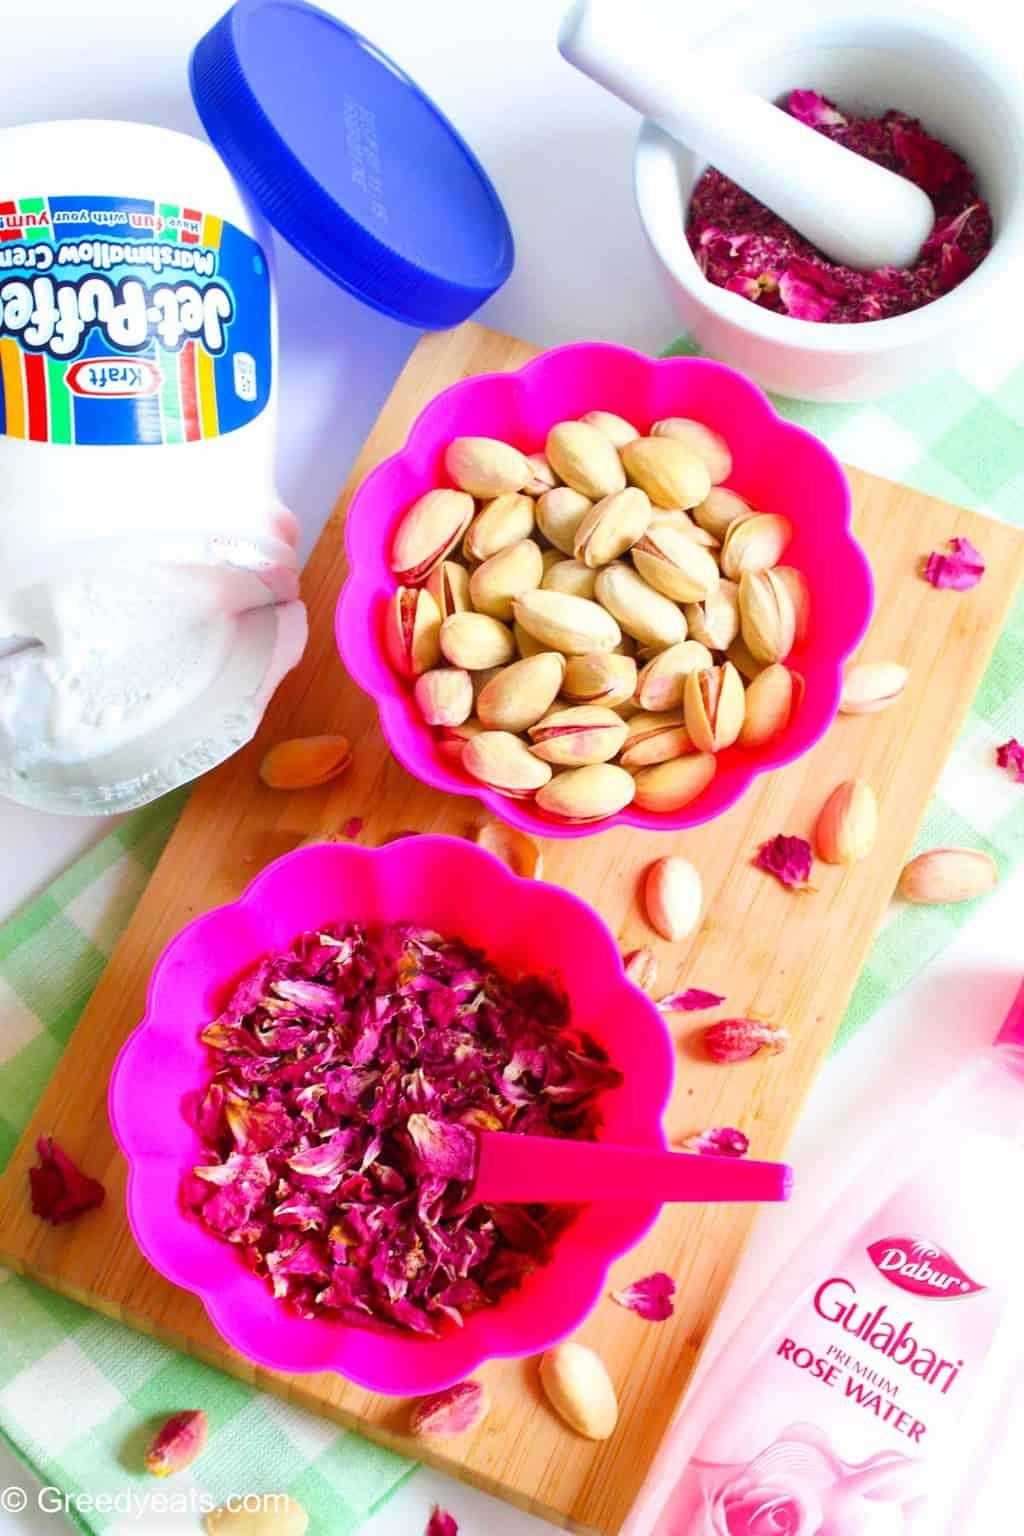 Pistachios and rose petals to flavor treats.